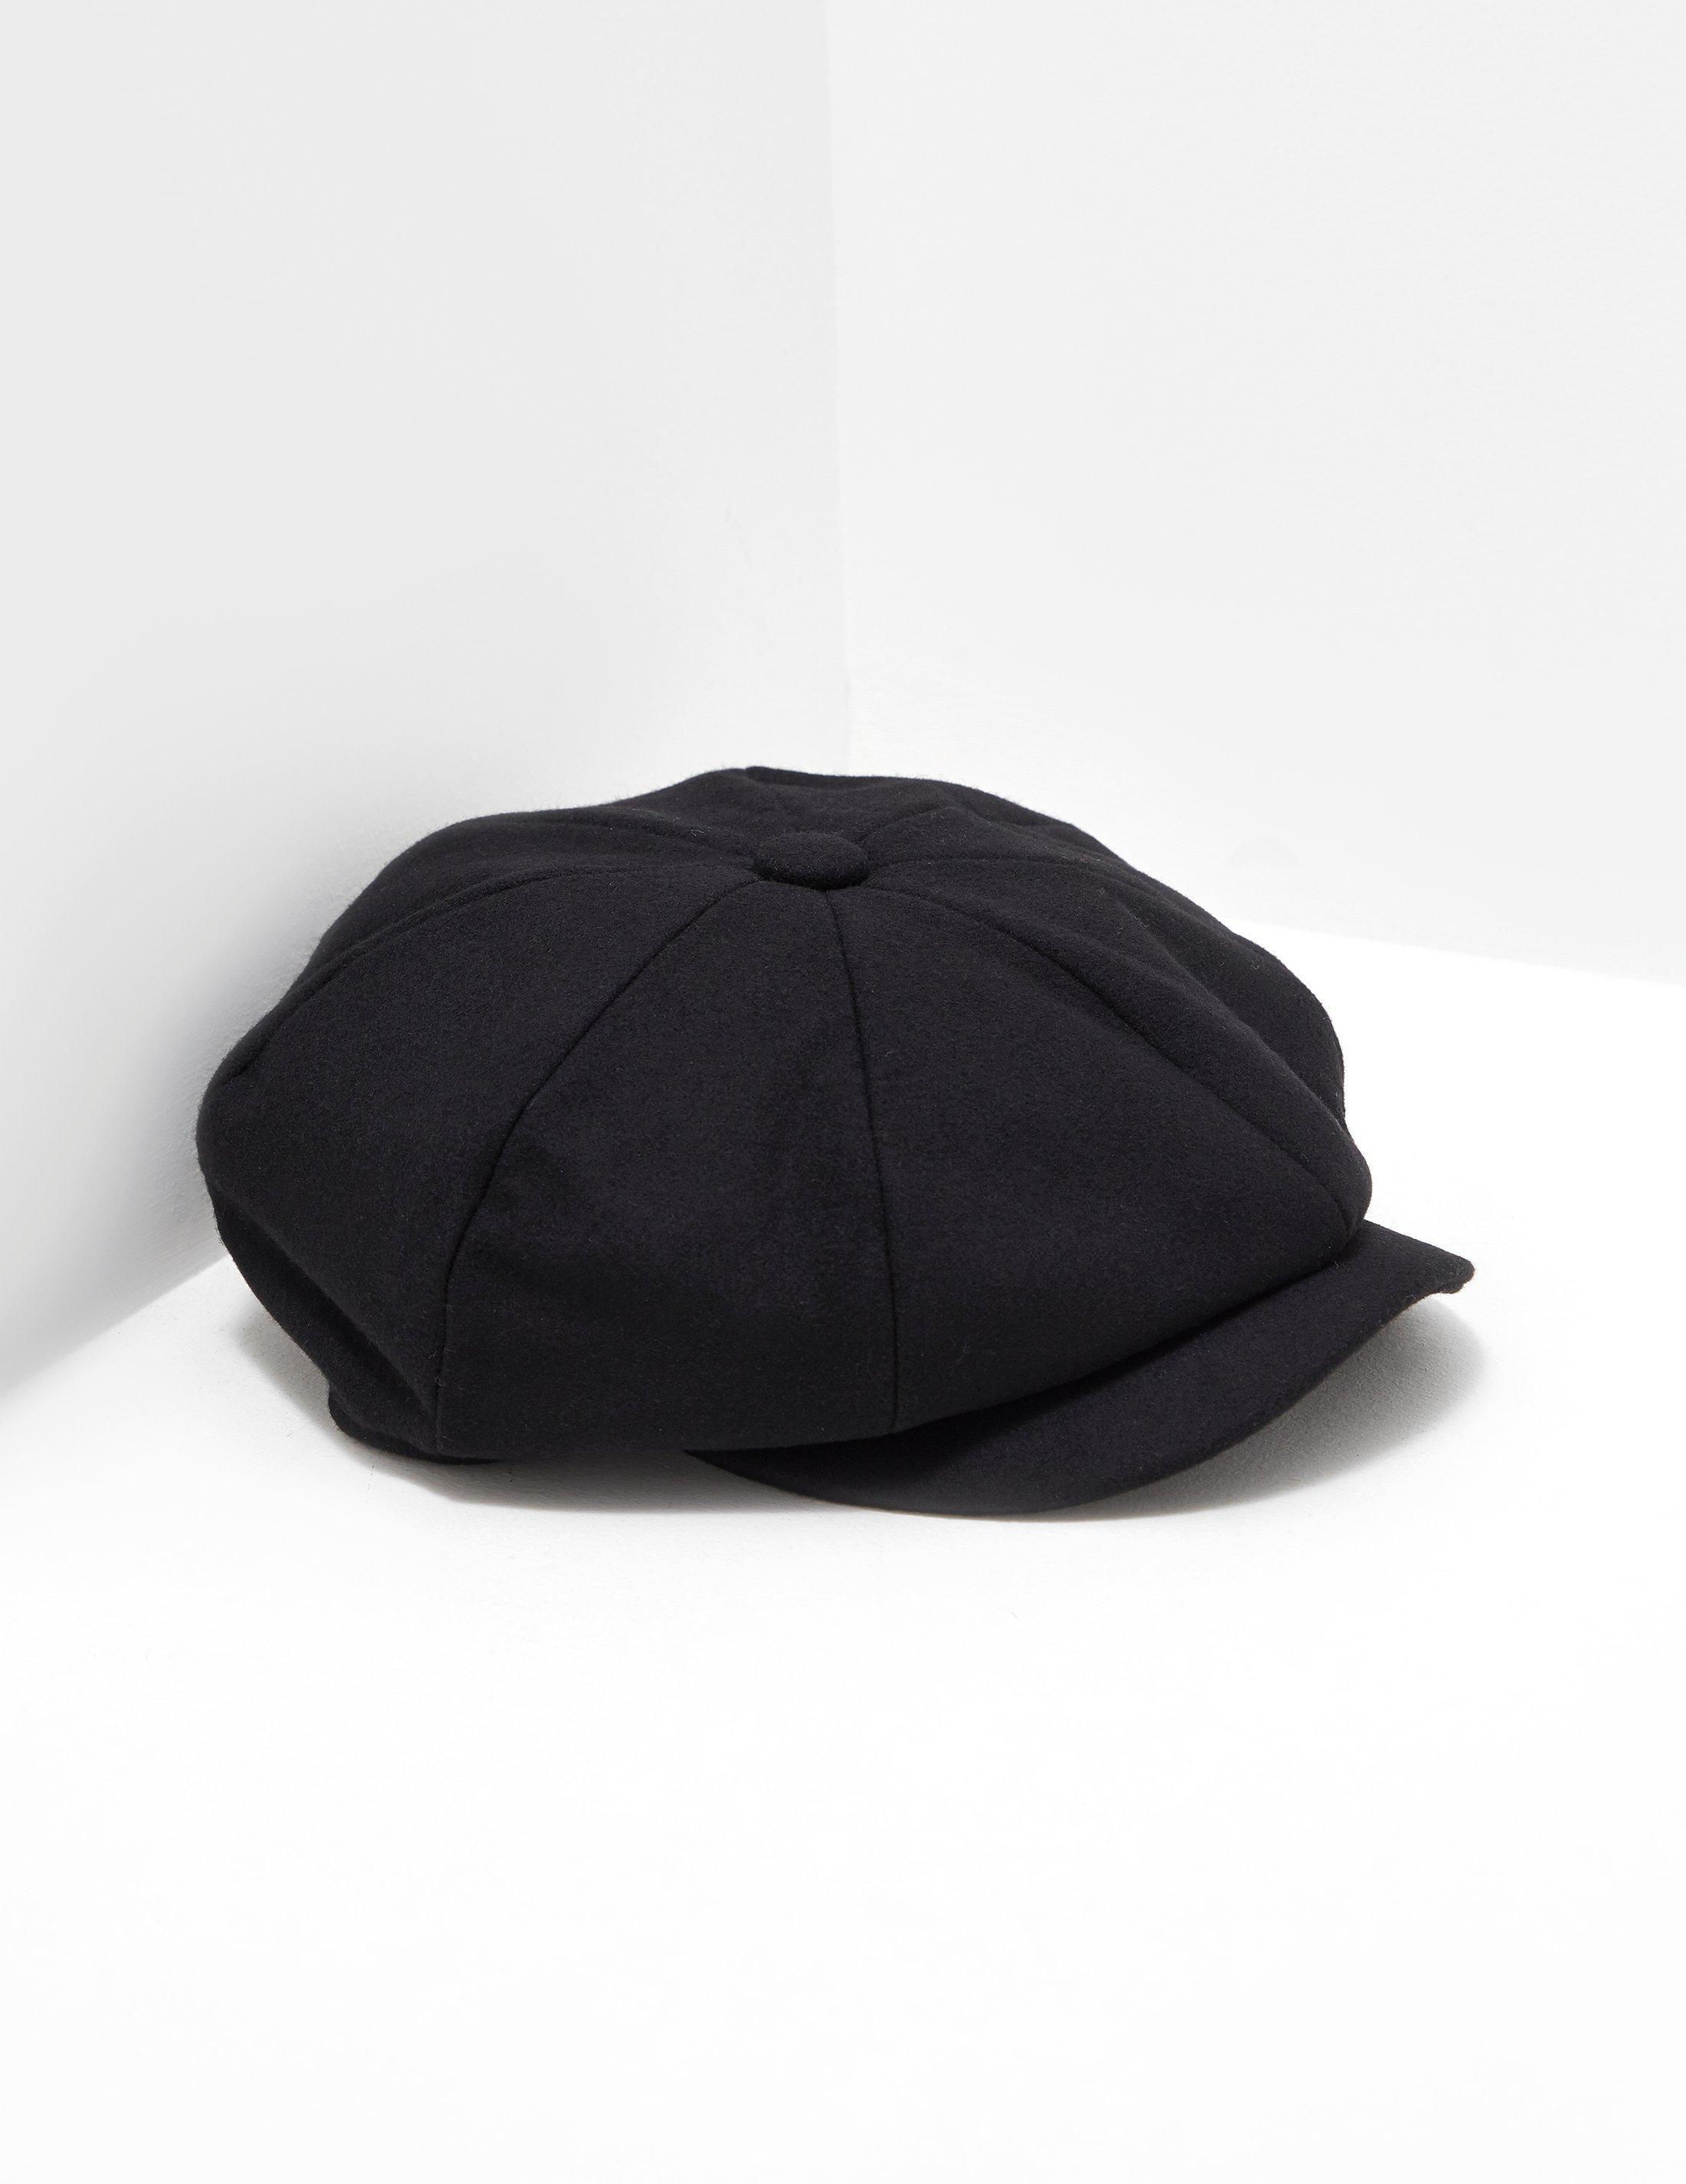 0a542a56704 Barbour Mens Melton Baker Boy Hat Black in Black for Men - Lyst